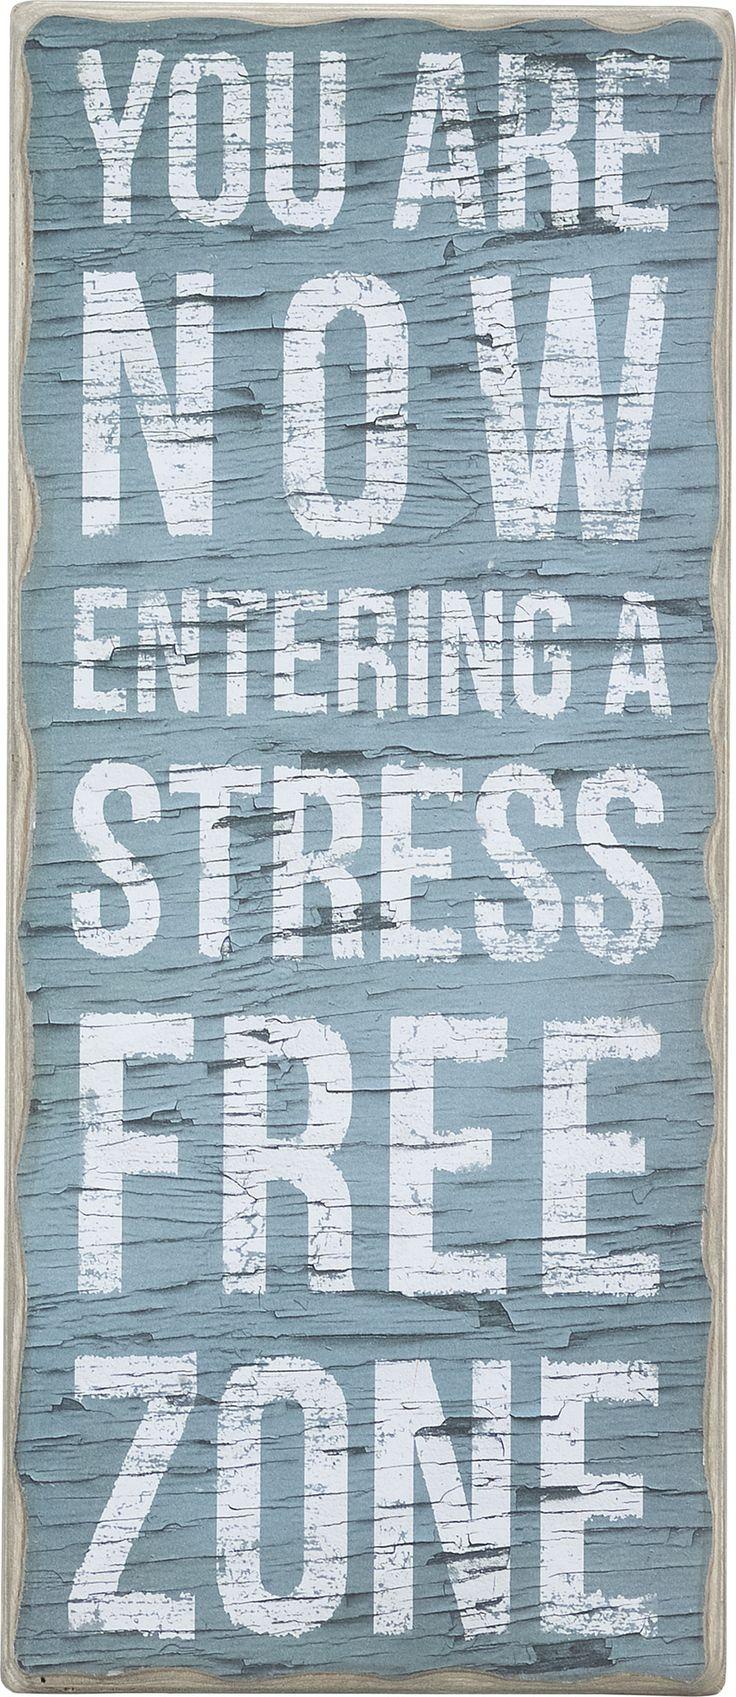 stress-free zone